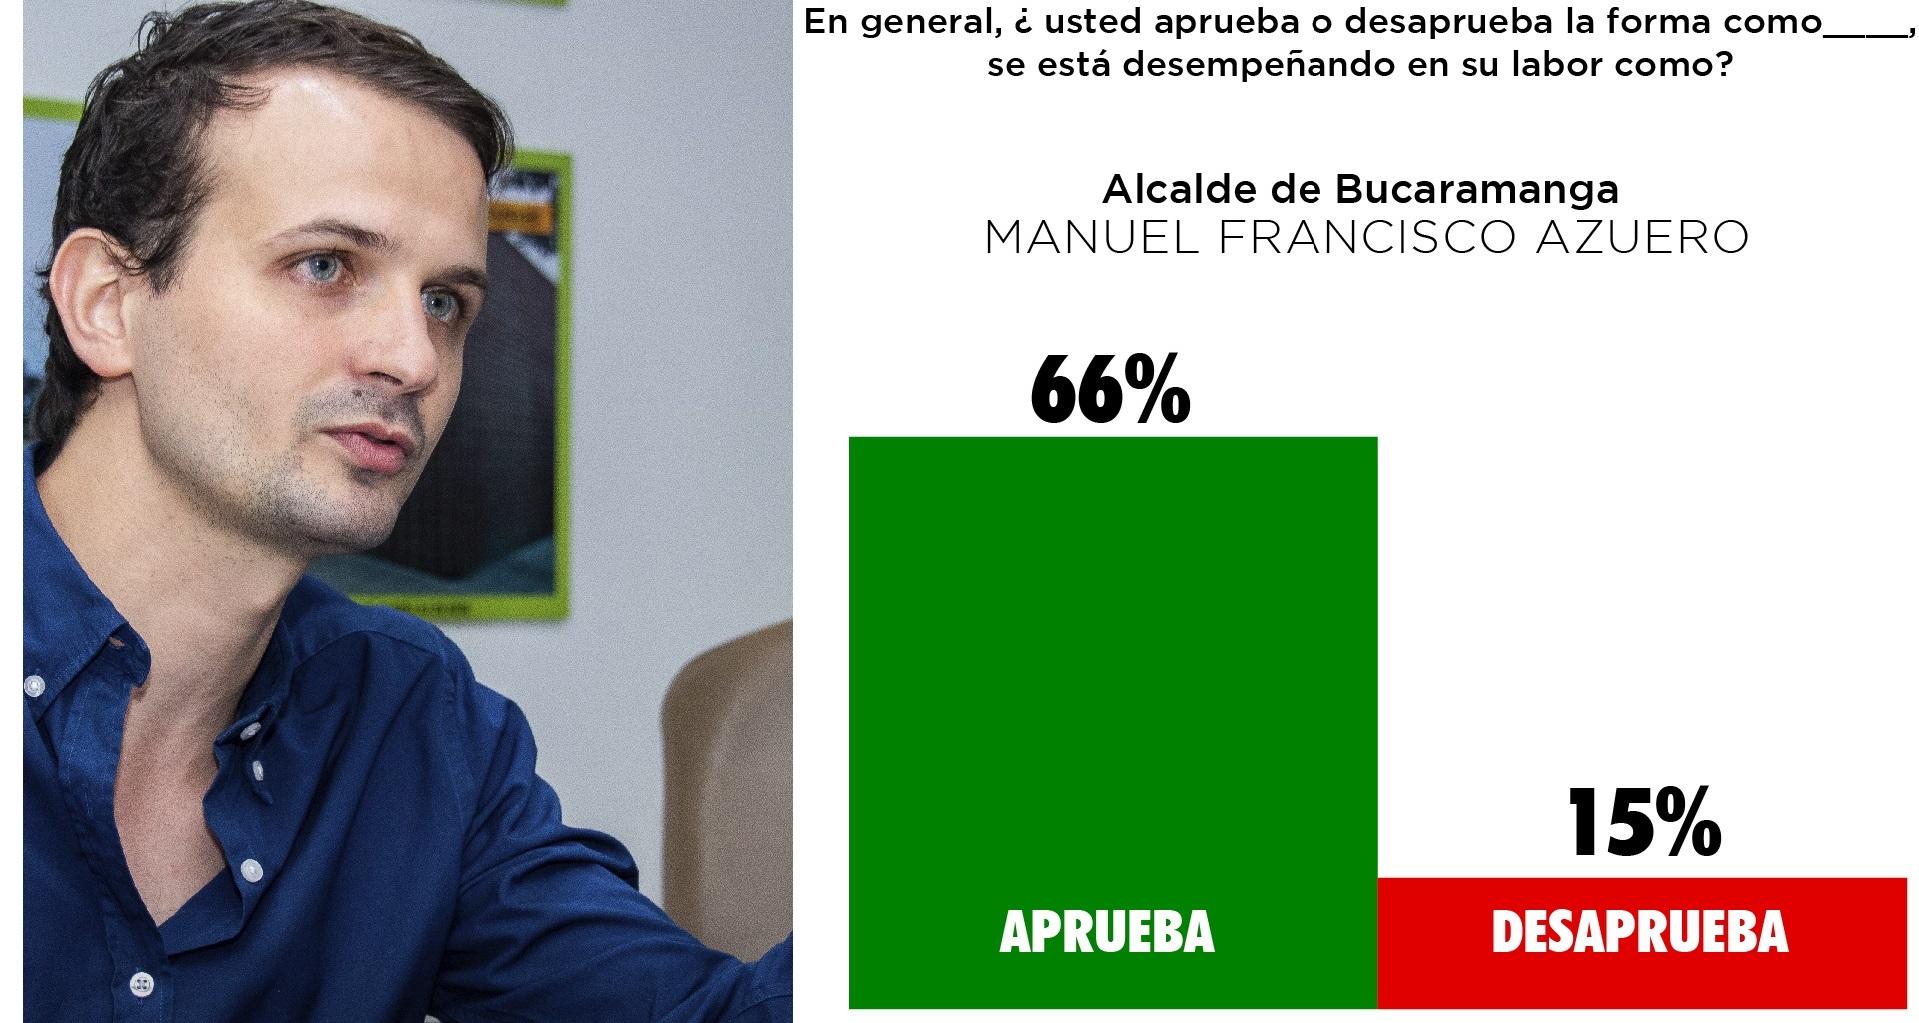 Manolo logra aprobación de su gestión en las encuestas  | Local | Política | EL FRENTE